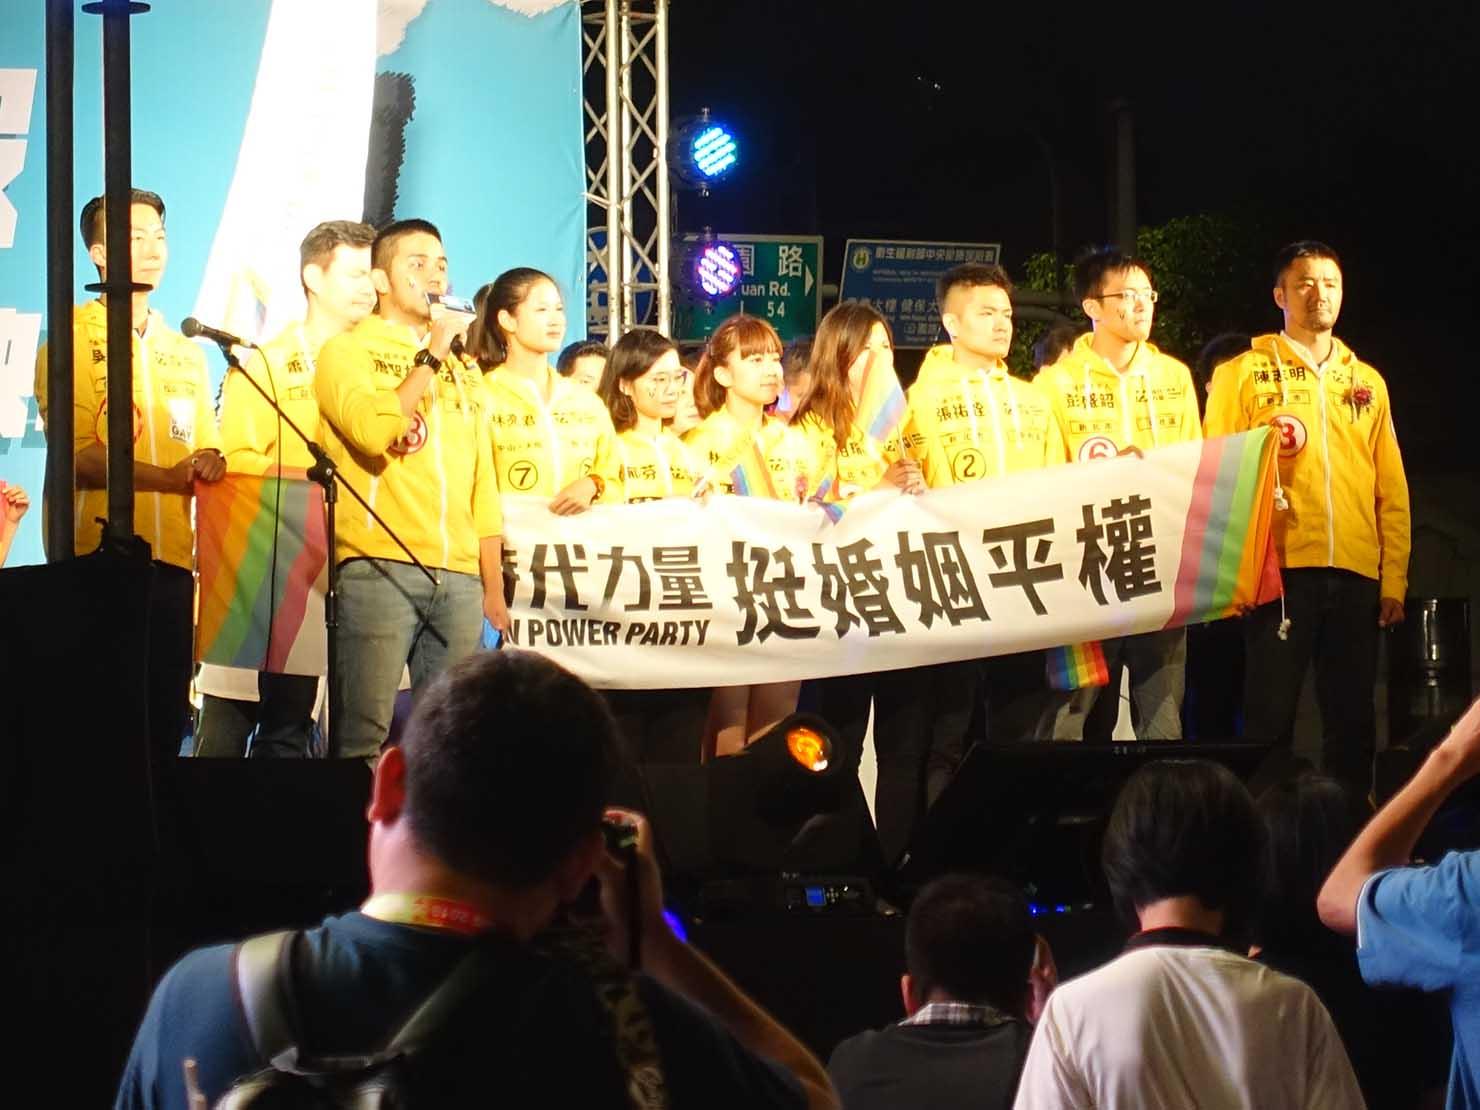 台湾のLGBT音楽イベント『為愛返家音樂會』のステージに立つ時代力量の立候補者たち